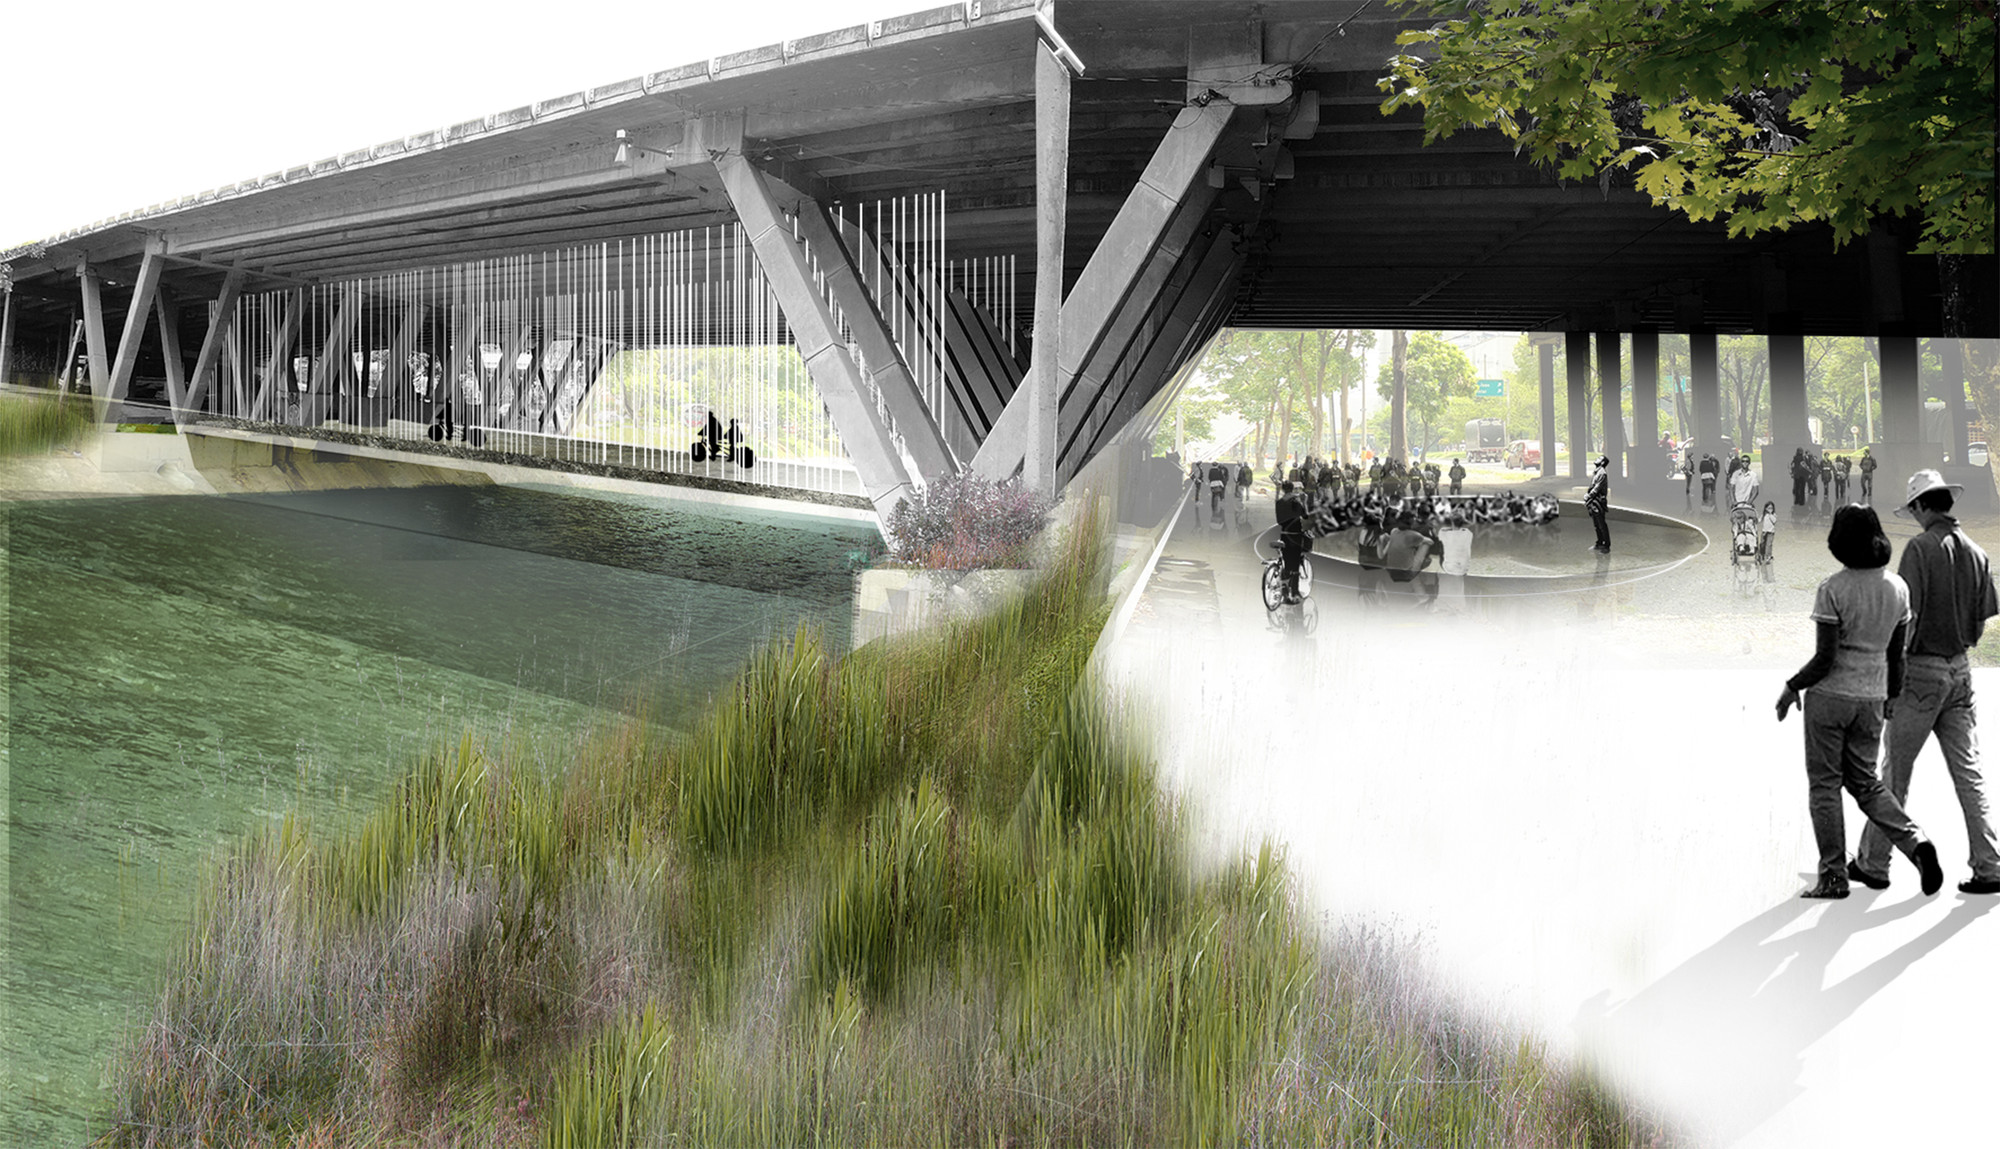 Bajos del puente. Image Courtesy of Equipo Segundo Lugar